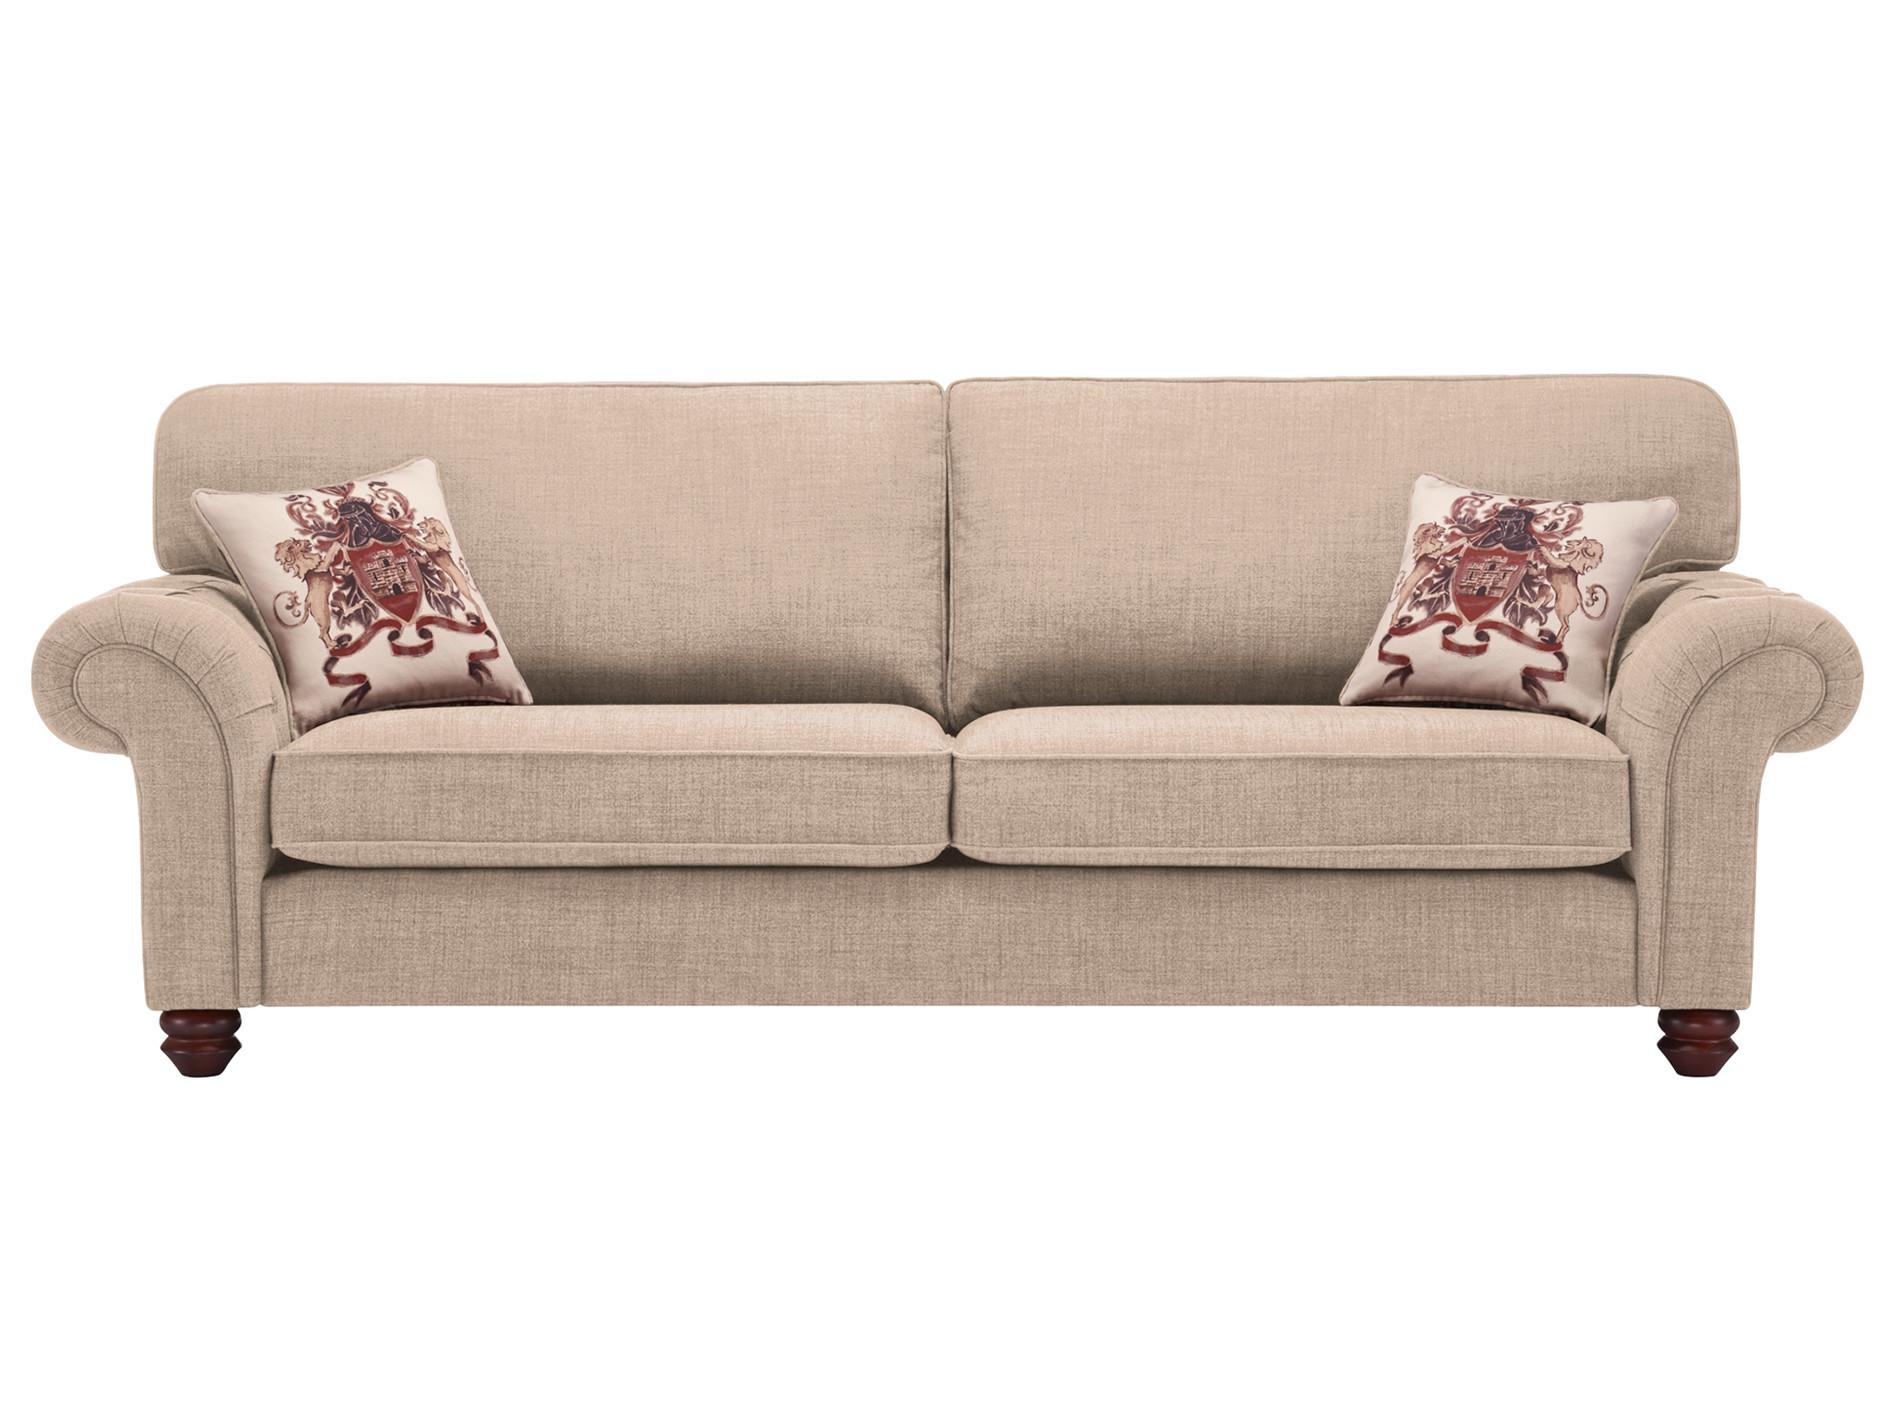 sandringham 4 seater high back sofa in beige with beige. Black Bedroom Furniture Sets. Home Design Ideas